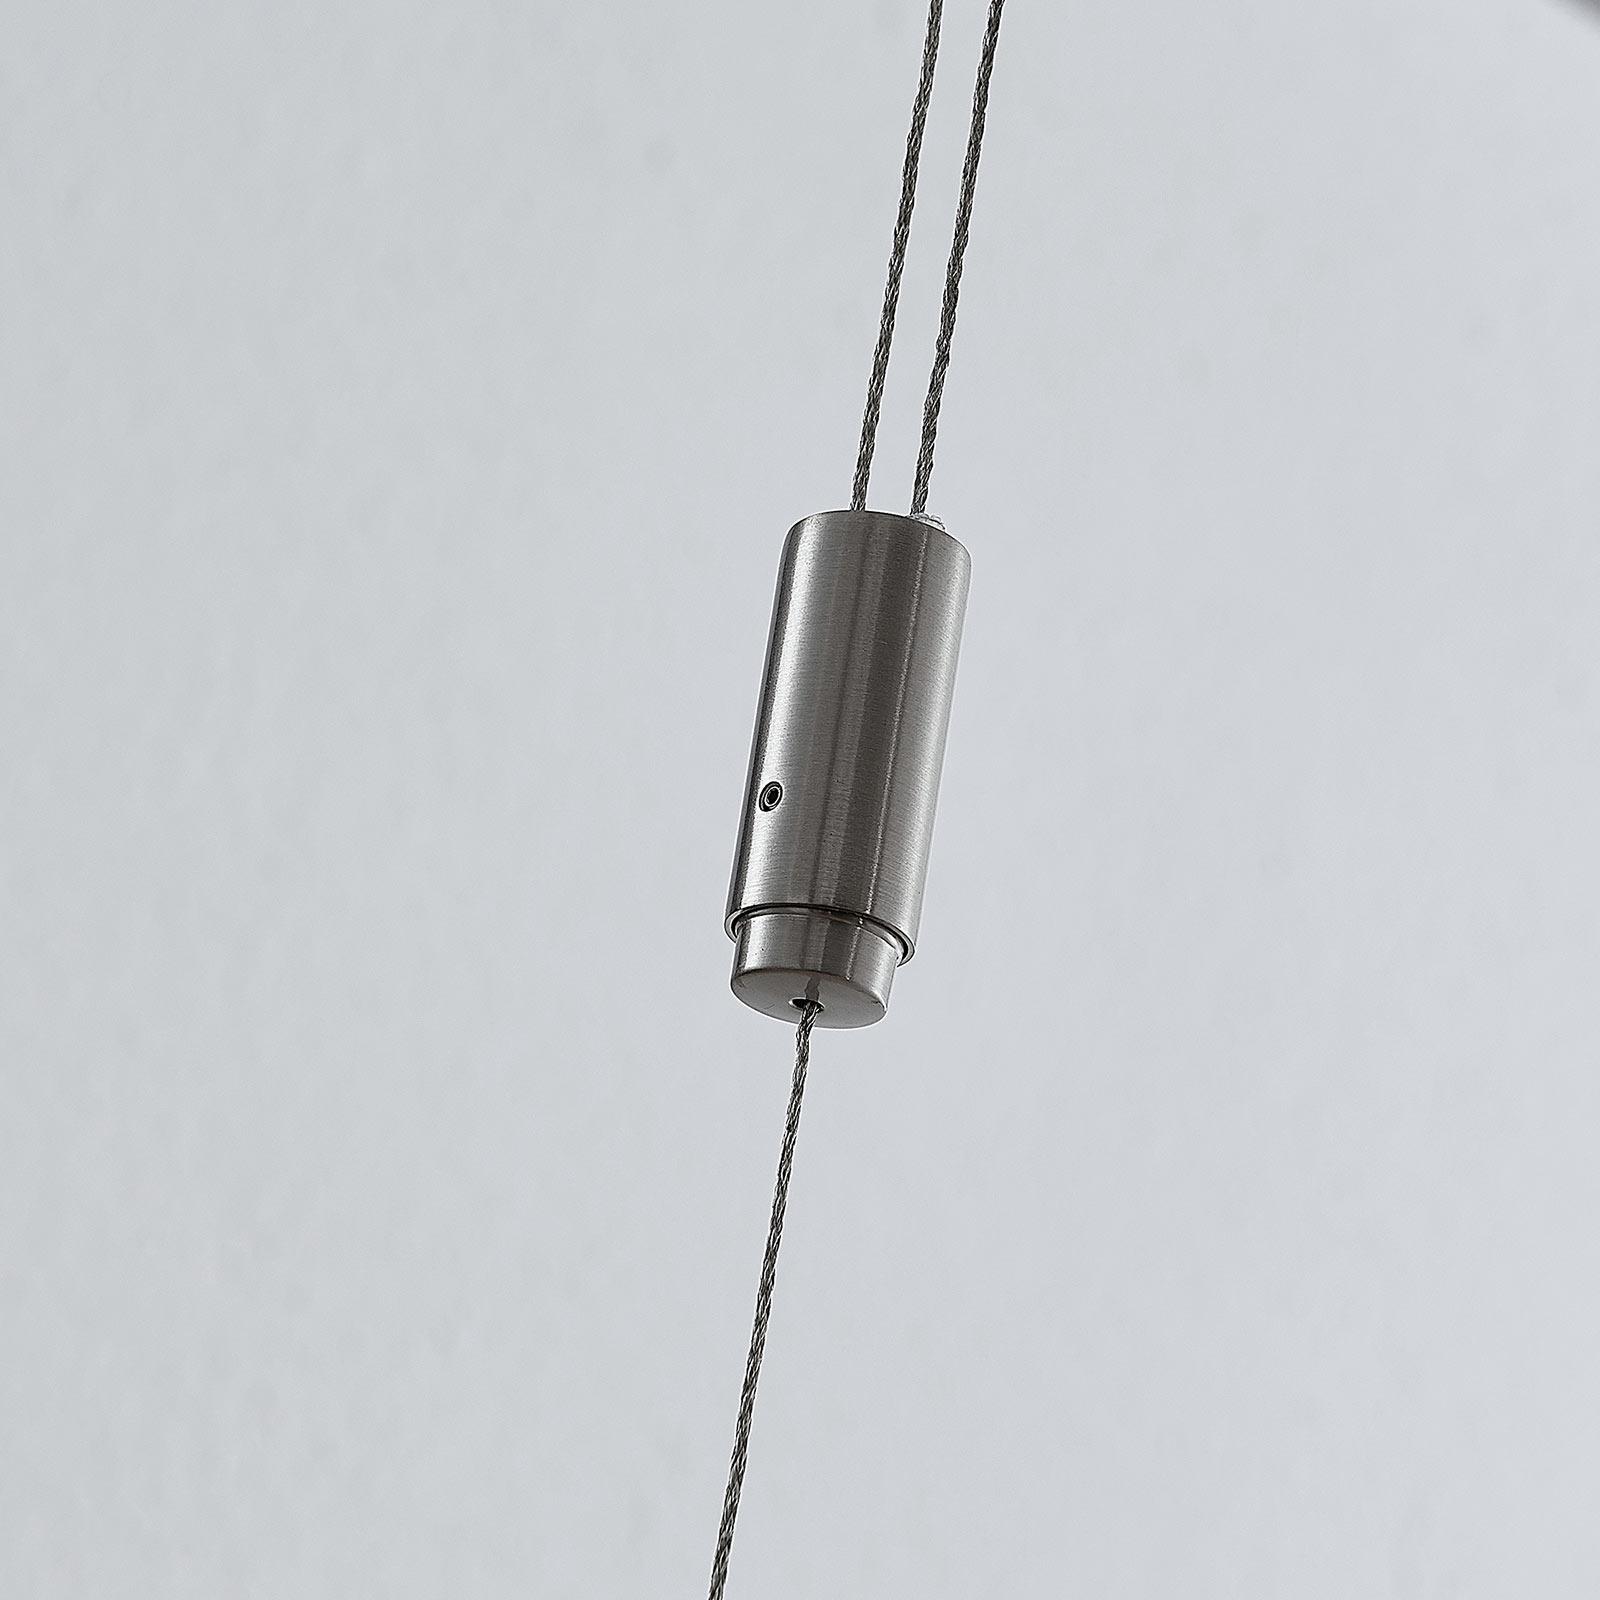 LED hänglampa Marija, lodrät kåpa, silver | Lamp24.se